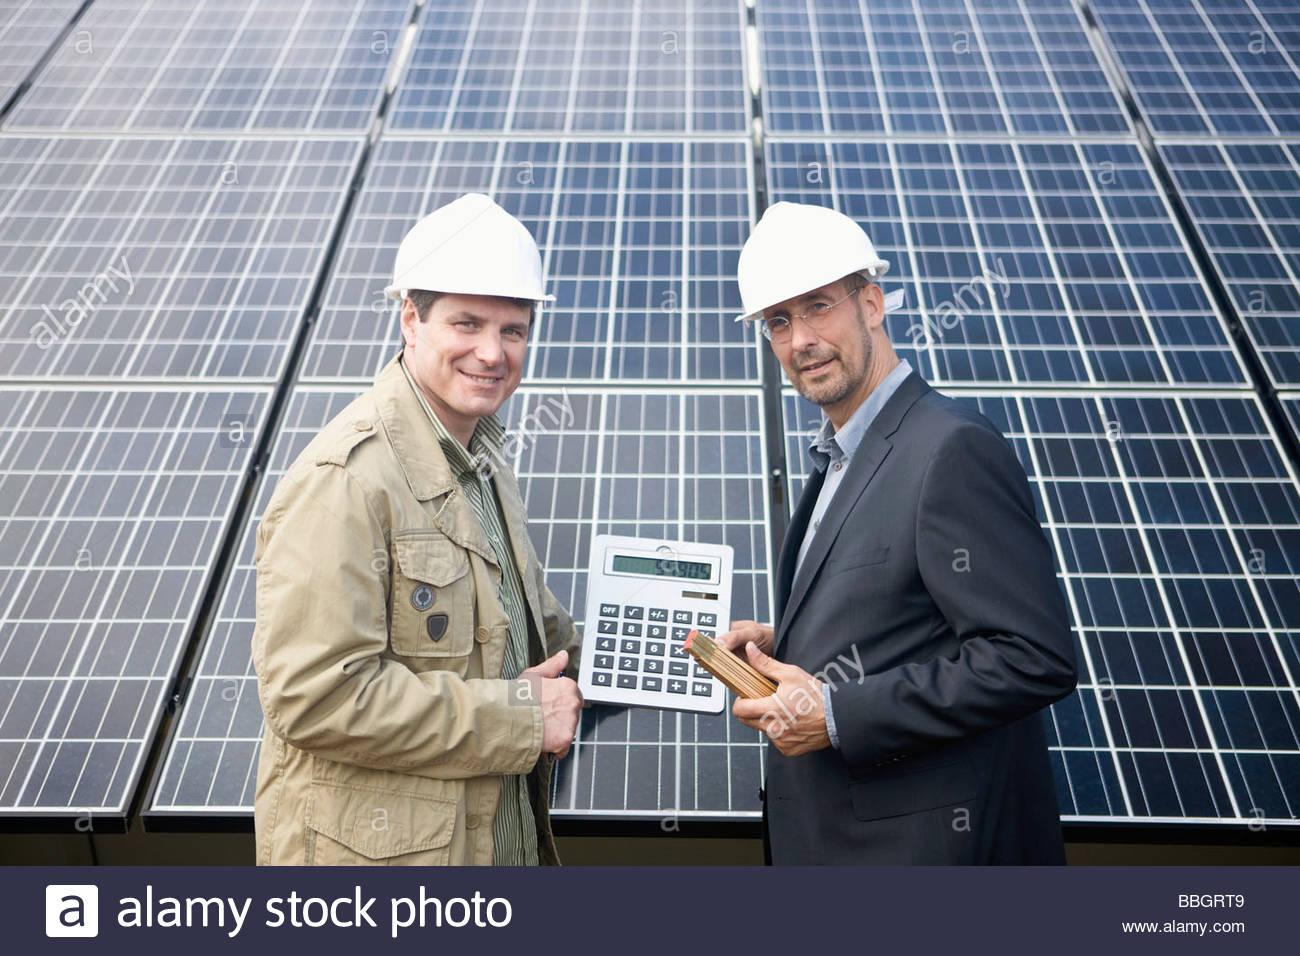 Empresarios maduros sosteniendo una calculadora solar delantero panelado, Munich, Baviera, Alemania Imagen De Stock